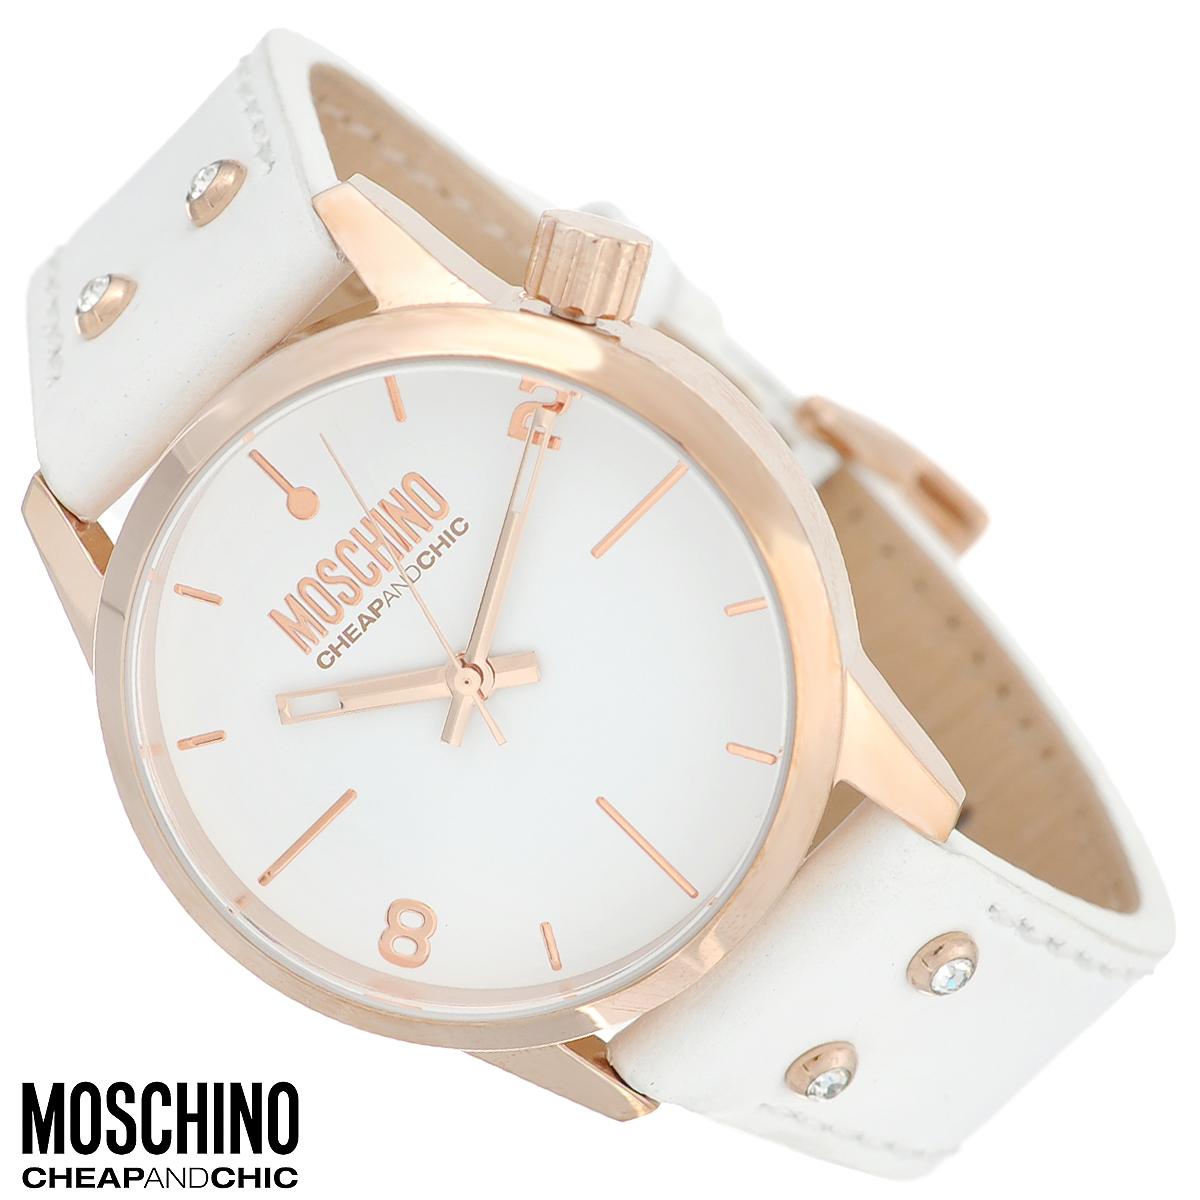 Часы женские наручные Moschino, цвет: белый, золотой. MW0280MW0280Наручные часы от известного итальянского бренда Moschino - это не только стильный и функциональный аксессуар, но и современные технологи, сочетающиеся с экстравагантным дизайном и индивидуальностью. Часы Moschino оснащены кварцевым механизмом. Корпус выполнен из высококачественной нержавеющей стали с PVD-покрытием. Циферблат с отметками и арабскими цифрами защищен минеральным стеклом. Часы имеют три стрелки - часовую, минутную и секундную. Ремешок часов выполнен из натуральной кожи, оснащен классической застежкой и декорирован стразами. Часы упакованы в фирменную металлическую коробку с логотипом бренда. Часы Moschino благодаря своему уникальному дизайну отличаются от часов других марок своеобразными циферблатами, функциональностью, а также набором уникальных технических свойств. Каждой модели присуща легкая экстравагантность, самобытность и, безусловно, великолепный вкус. Характеристики: Диаметр циферблата: 3,3 см. ...